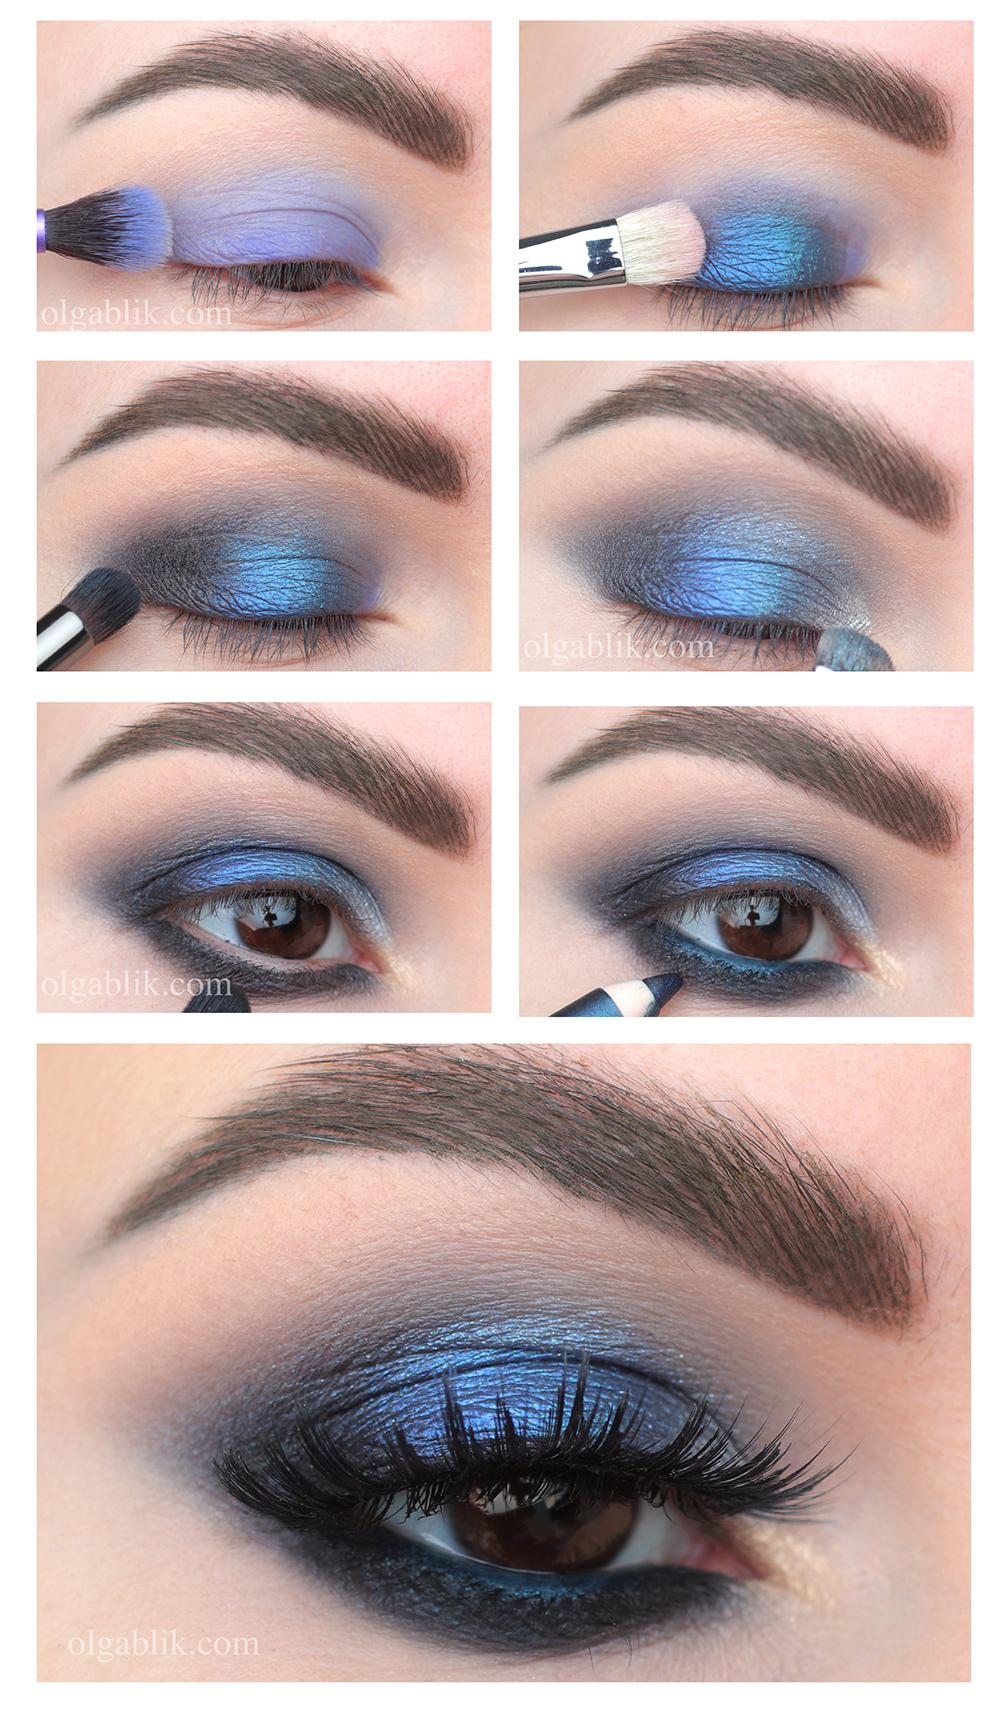 Вечерний макияж Смоки Айс пошагово, Макияж Smoky Eyes фото